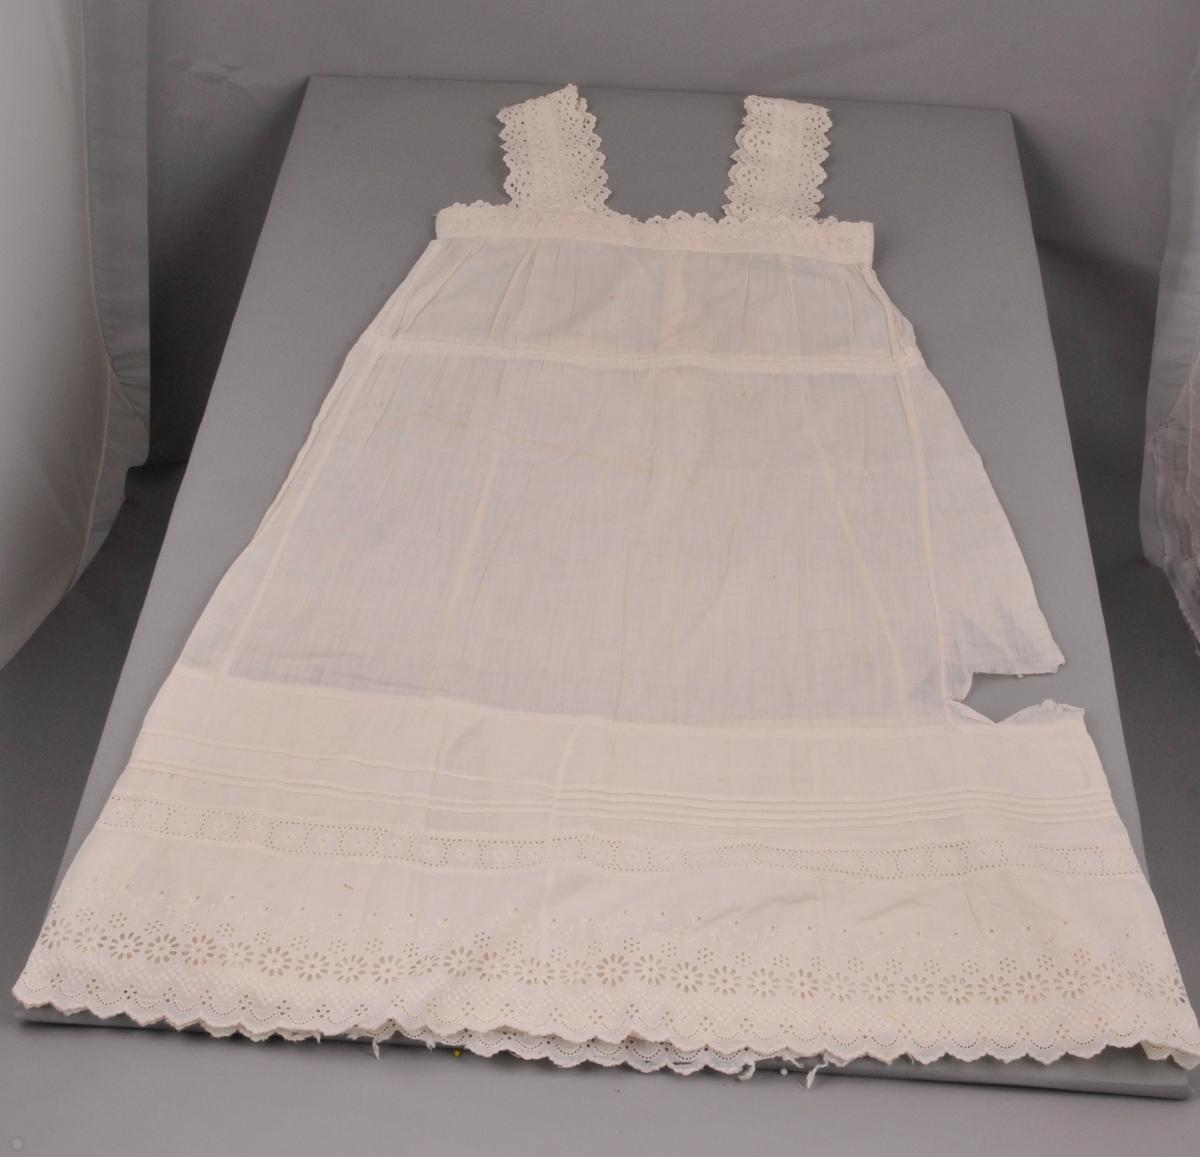 Kvit underkjole i tynnt bomullsstoff. Blonder og dobbelt stoff nede. To ulike typer blonder, fire små biser vannrett rundt heile kjolen.Selar av blonder øvst. Blondekant langs armhol og halsopning.Splitt i ryggen og snøring under brystet. Stofftrekte knappar og fire legg loddrett i ryggen. Loddrette saumar i sidene. Kjolen er sydd på maskin av kjøpestoff/kjøpeblonder. (Truleg er kjolen kjøpt ferdig).